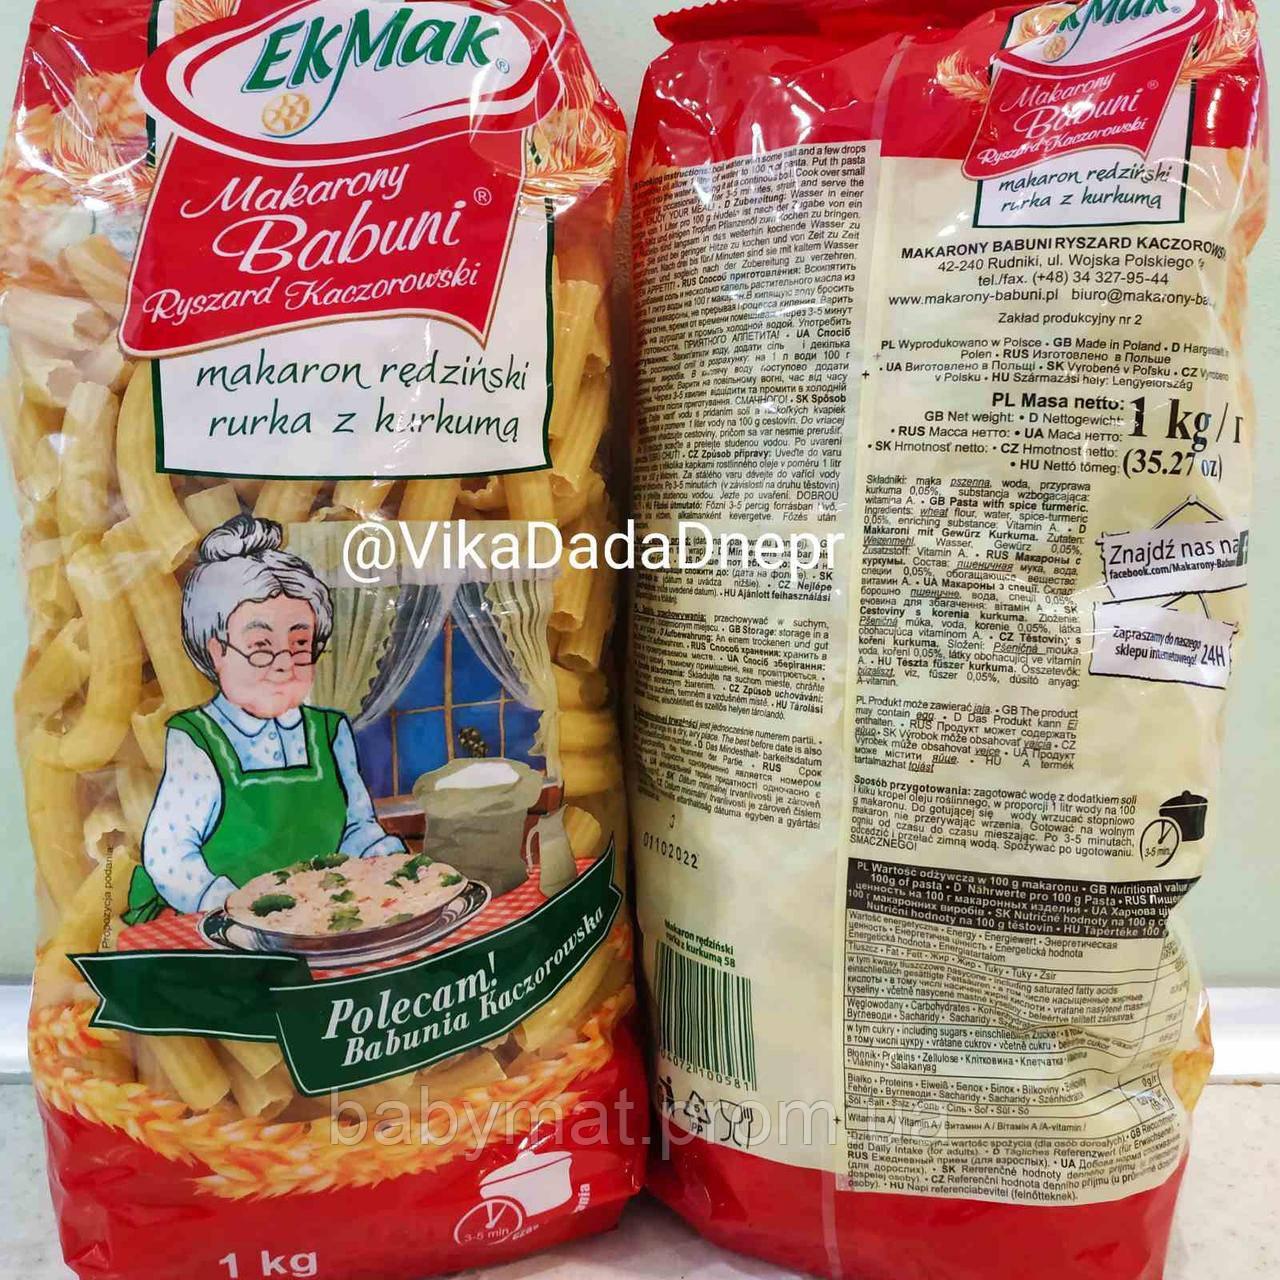 Паста твердых сортов Ekmak Makarony Babuni Redzinski макароны 1 кг